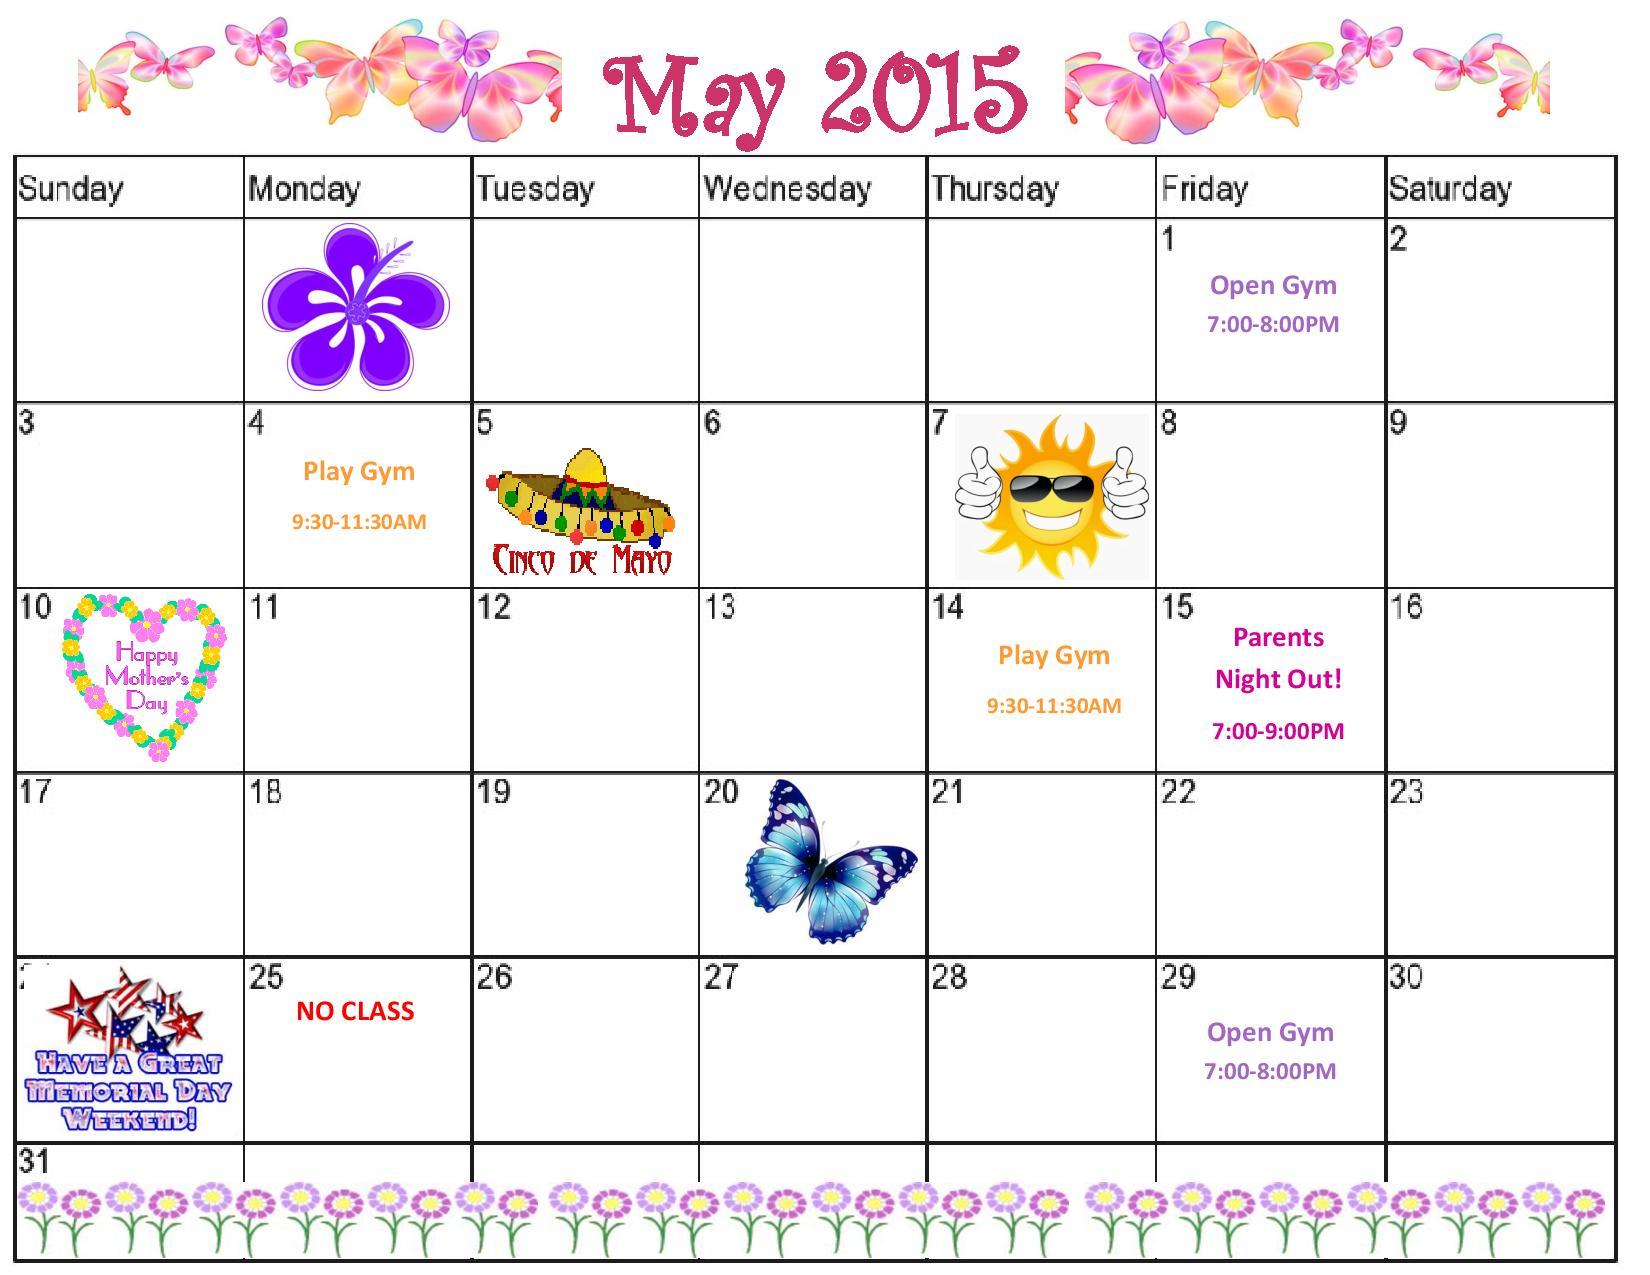 Gymnastics Rotterdam NY May 2015 Calendar